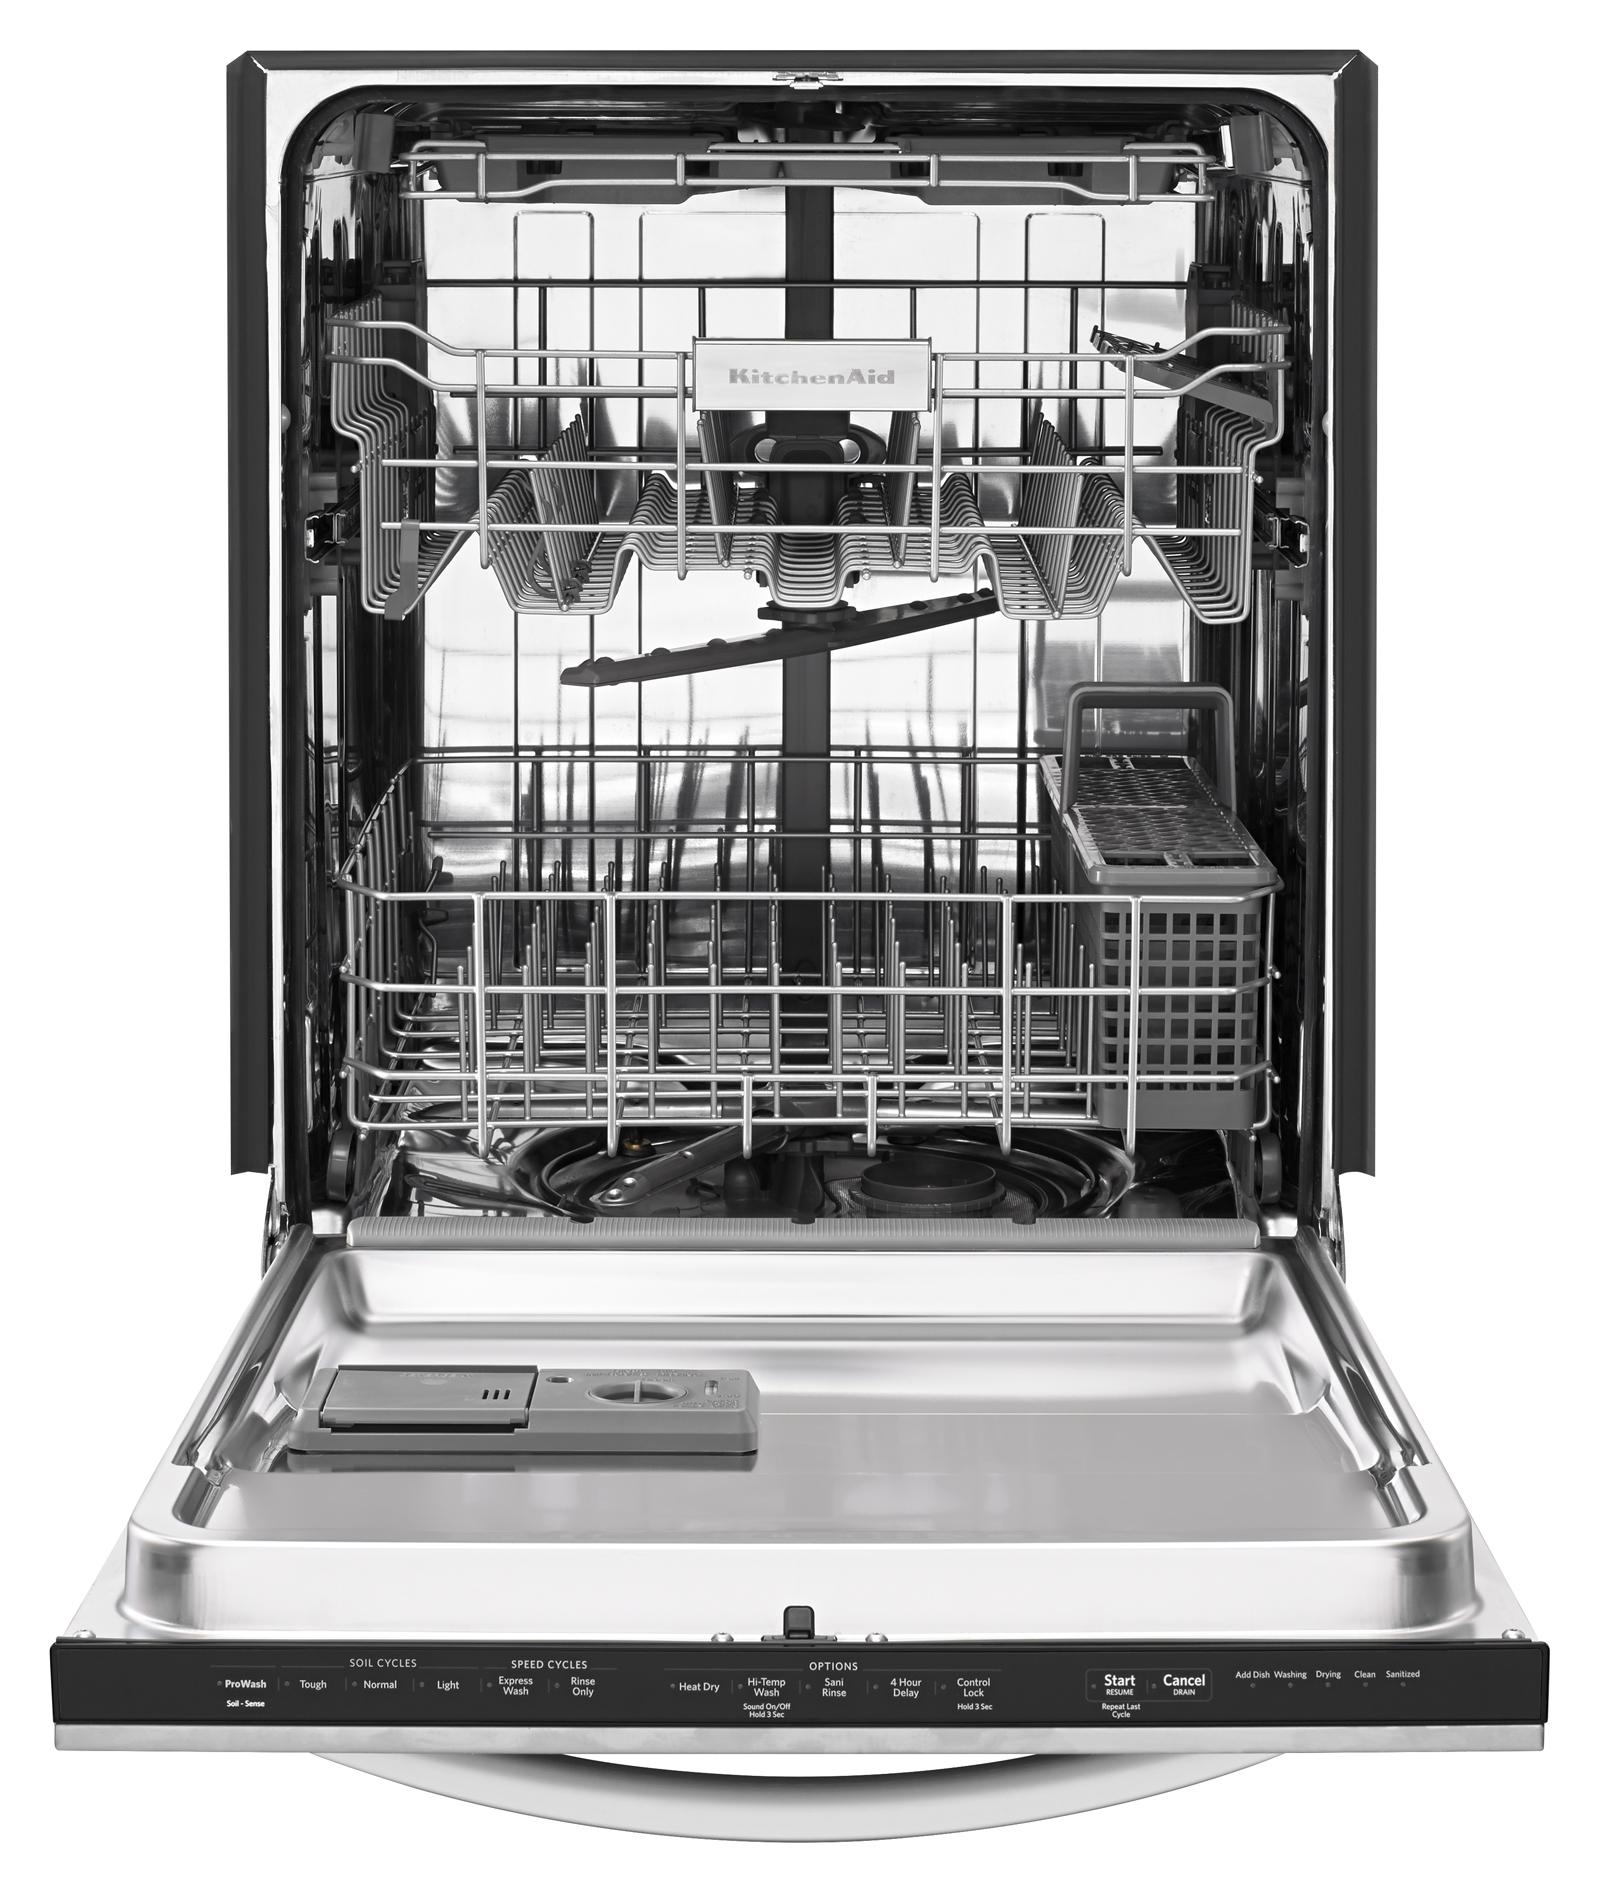 KitchenAid 24-in. Built-in Dishwasher w/ Third Rack - White